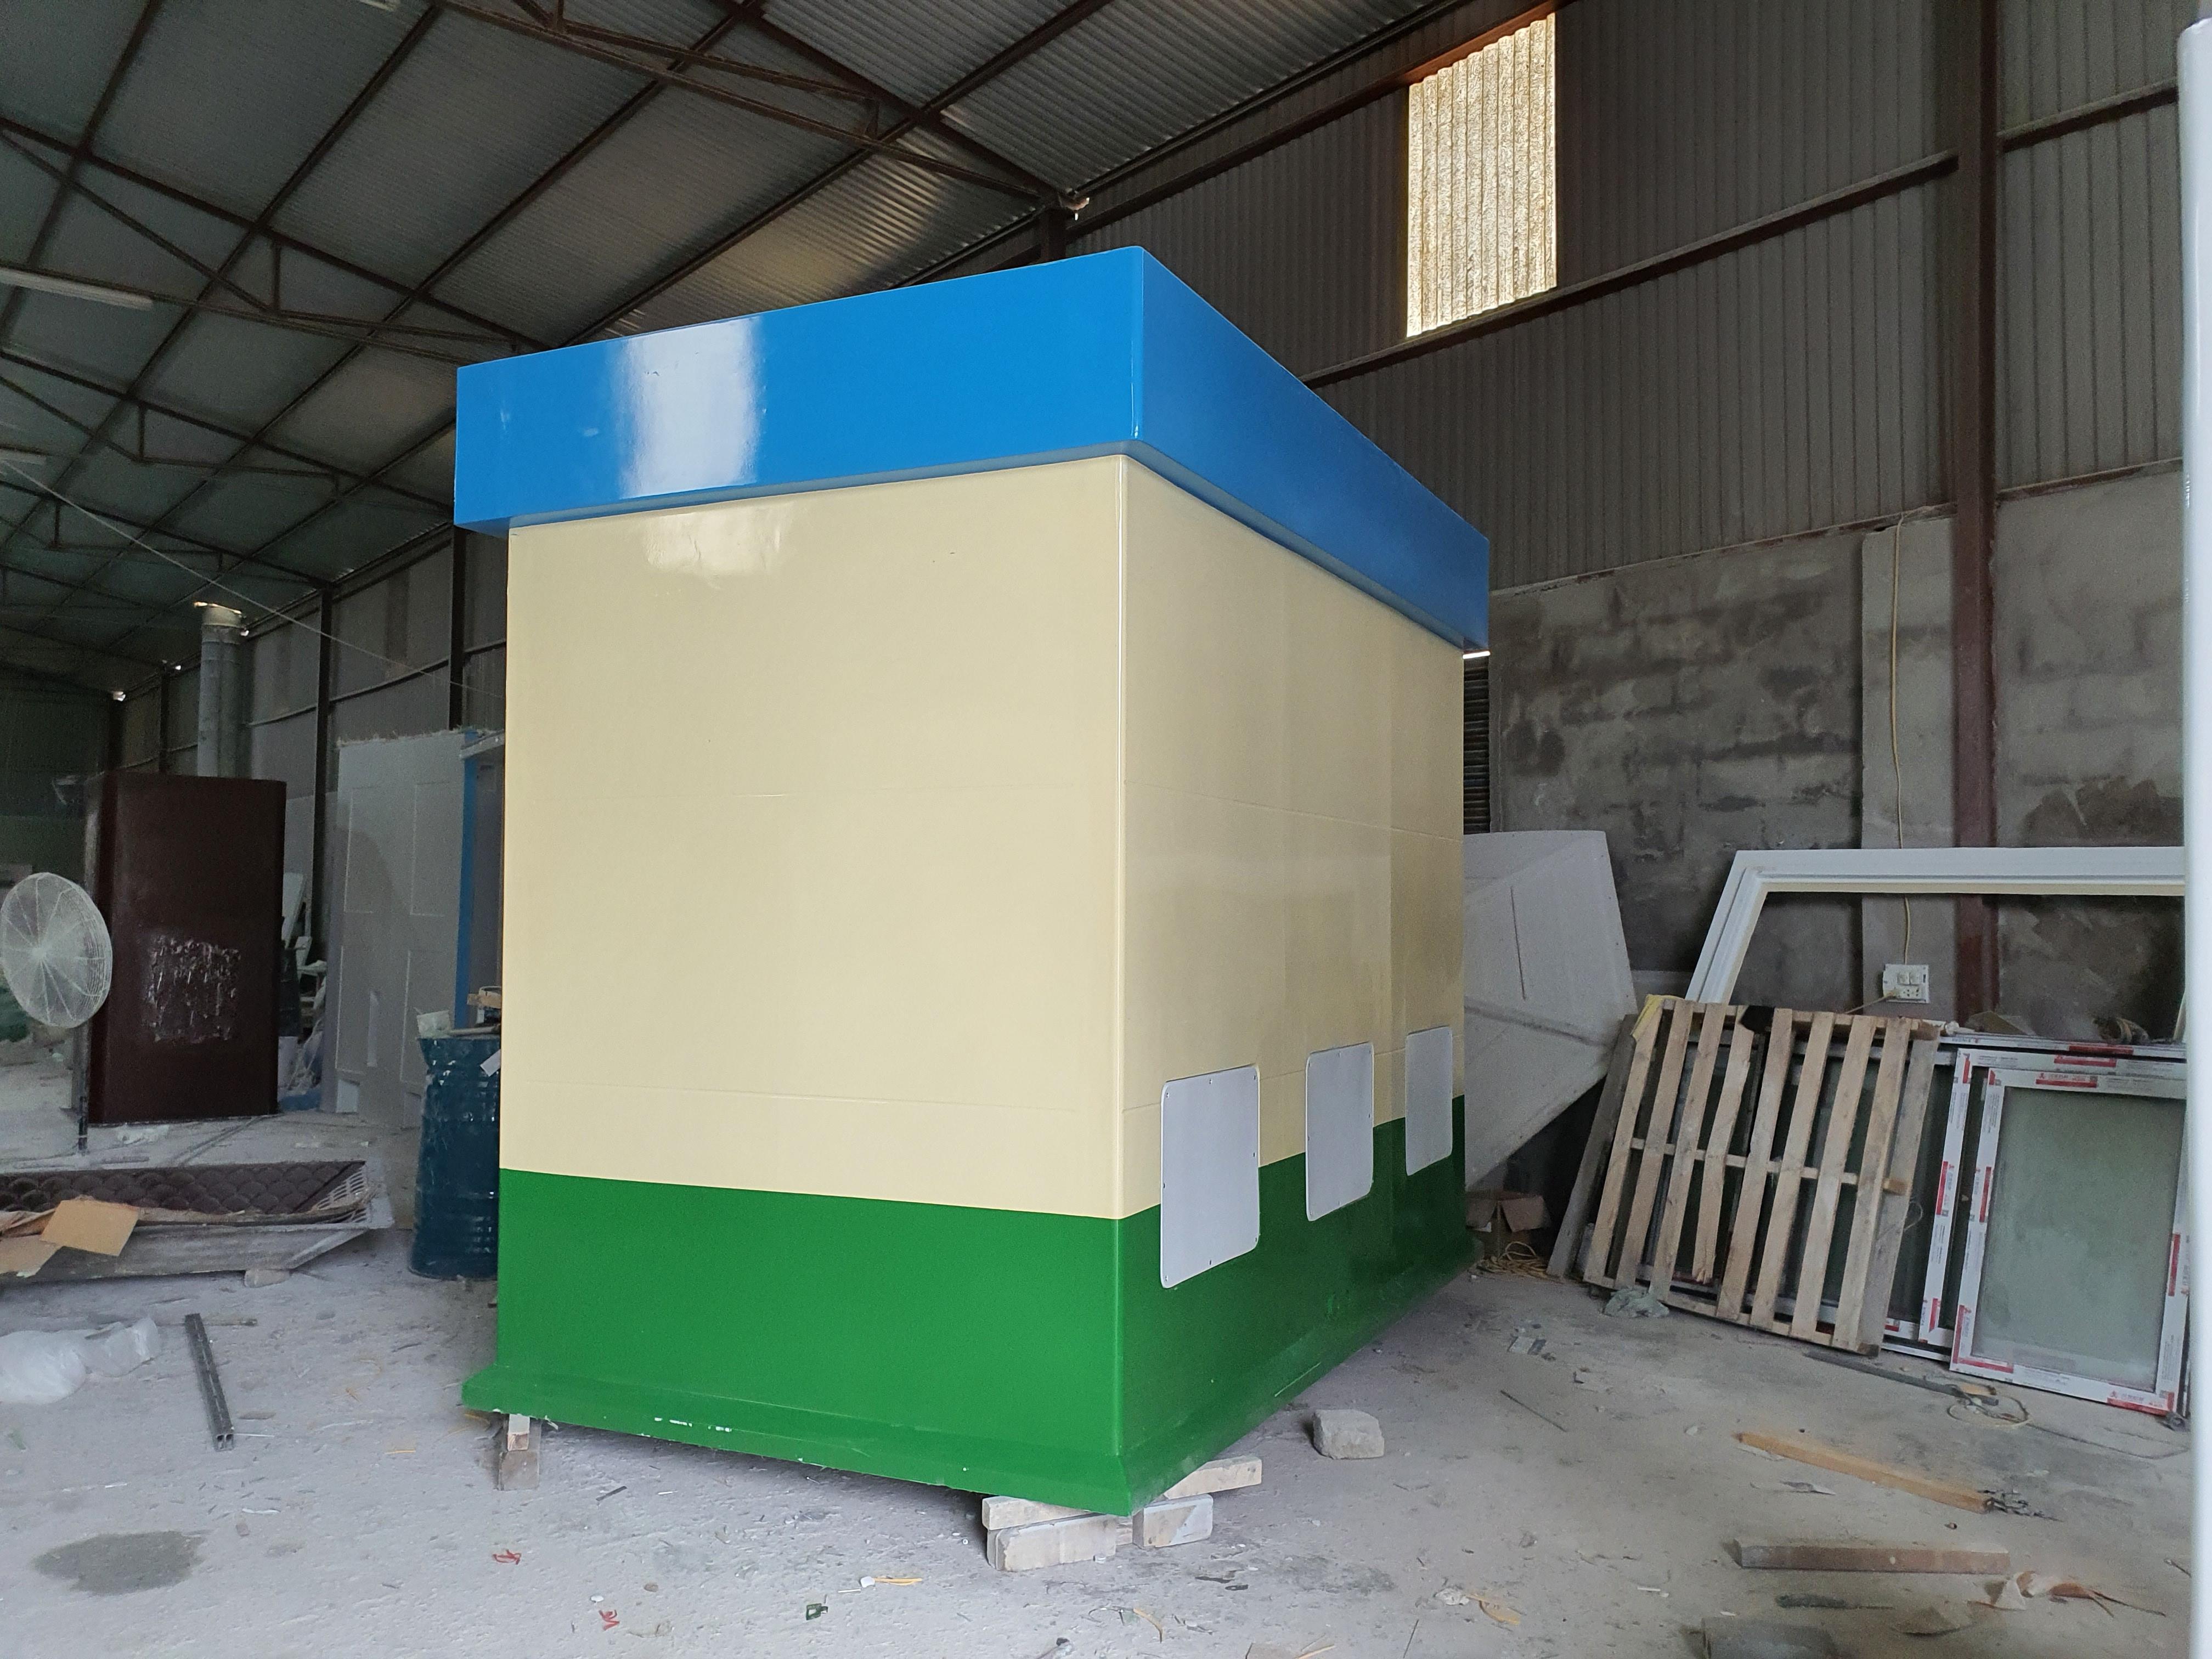 Máy bơm tăng áp được đặt trong hộp kỹ thuật phía sau